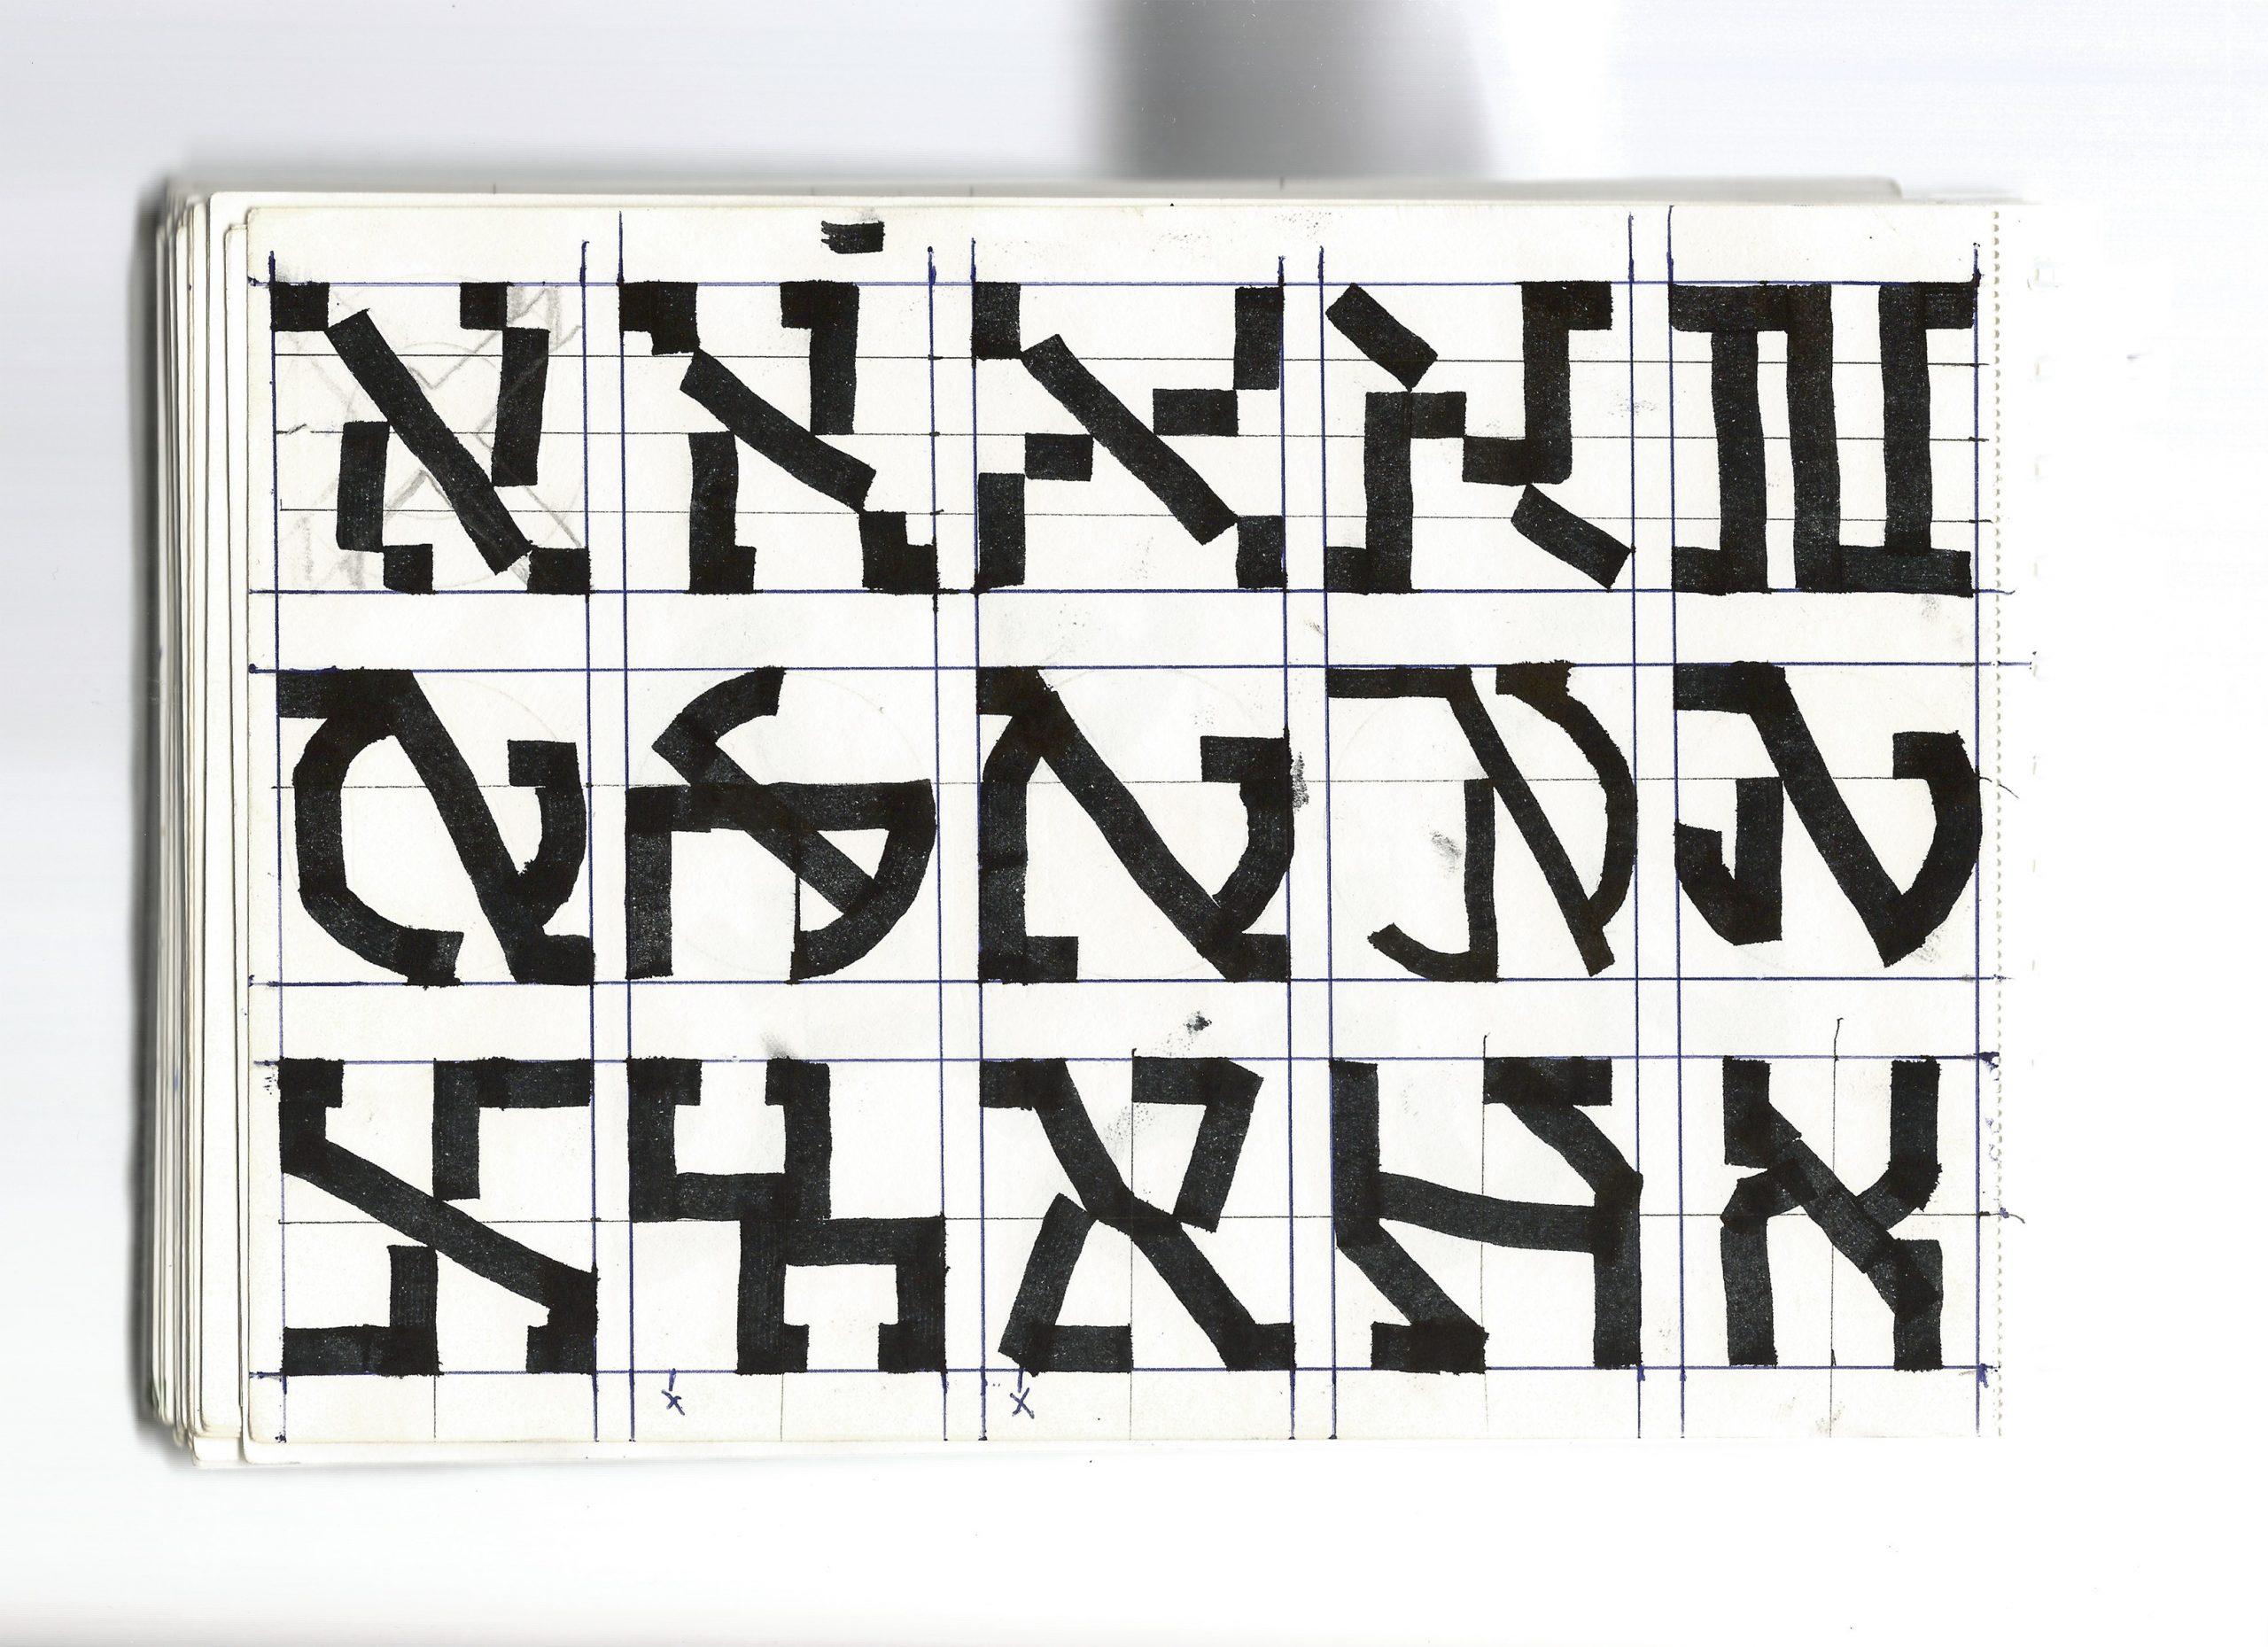 daniell02